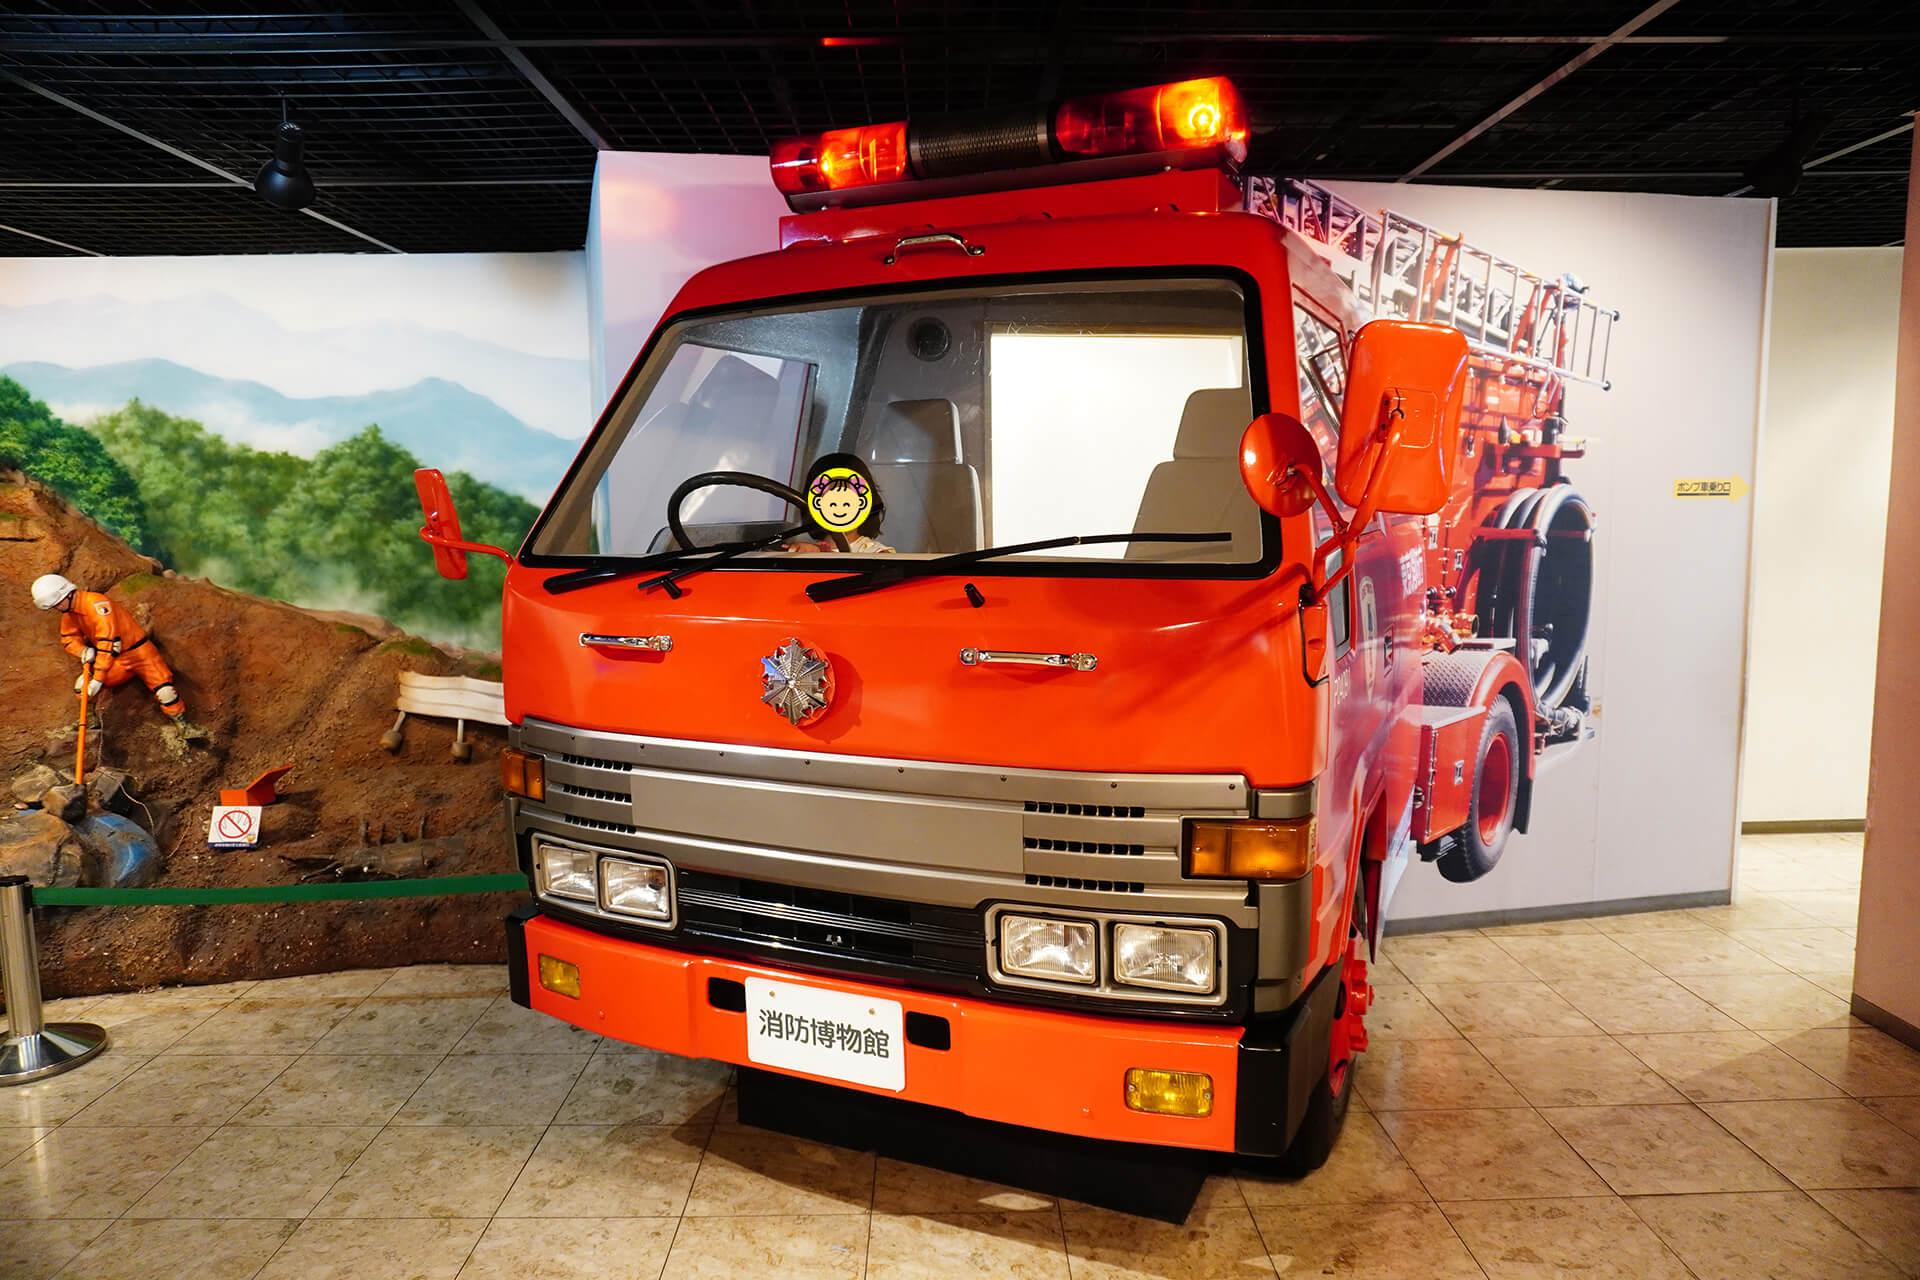 この写真は消防博物館にある記念撮影用の消防車